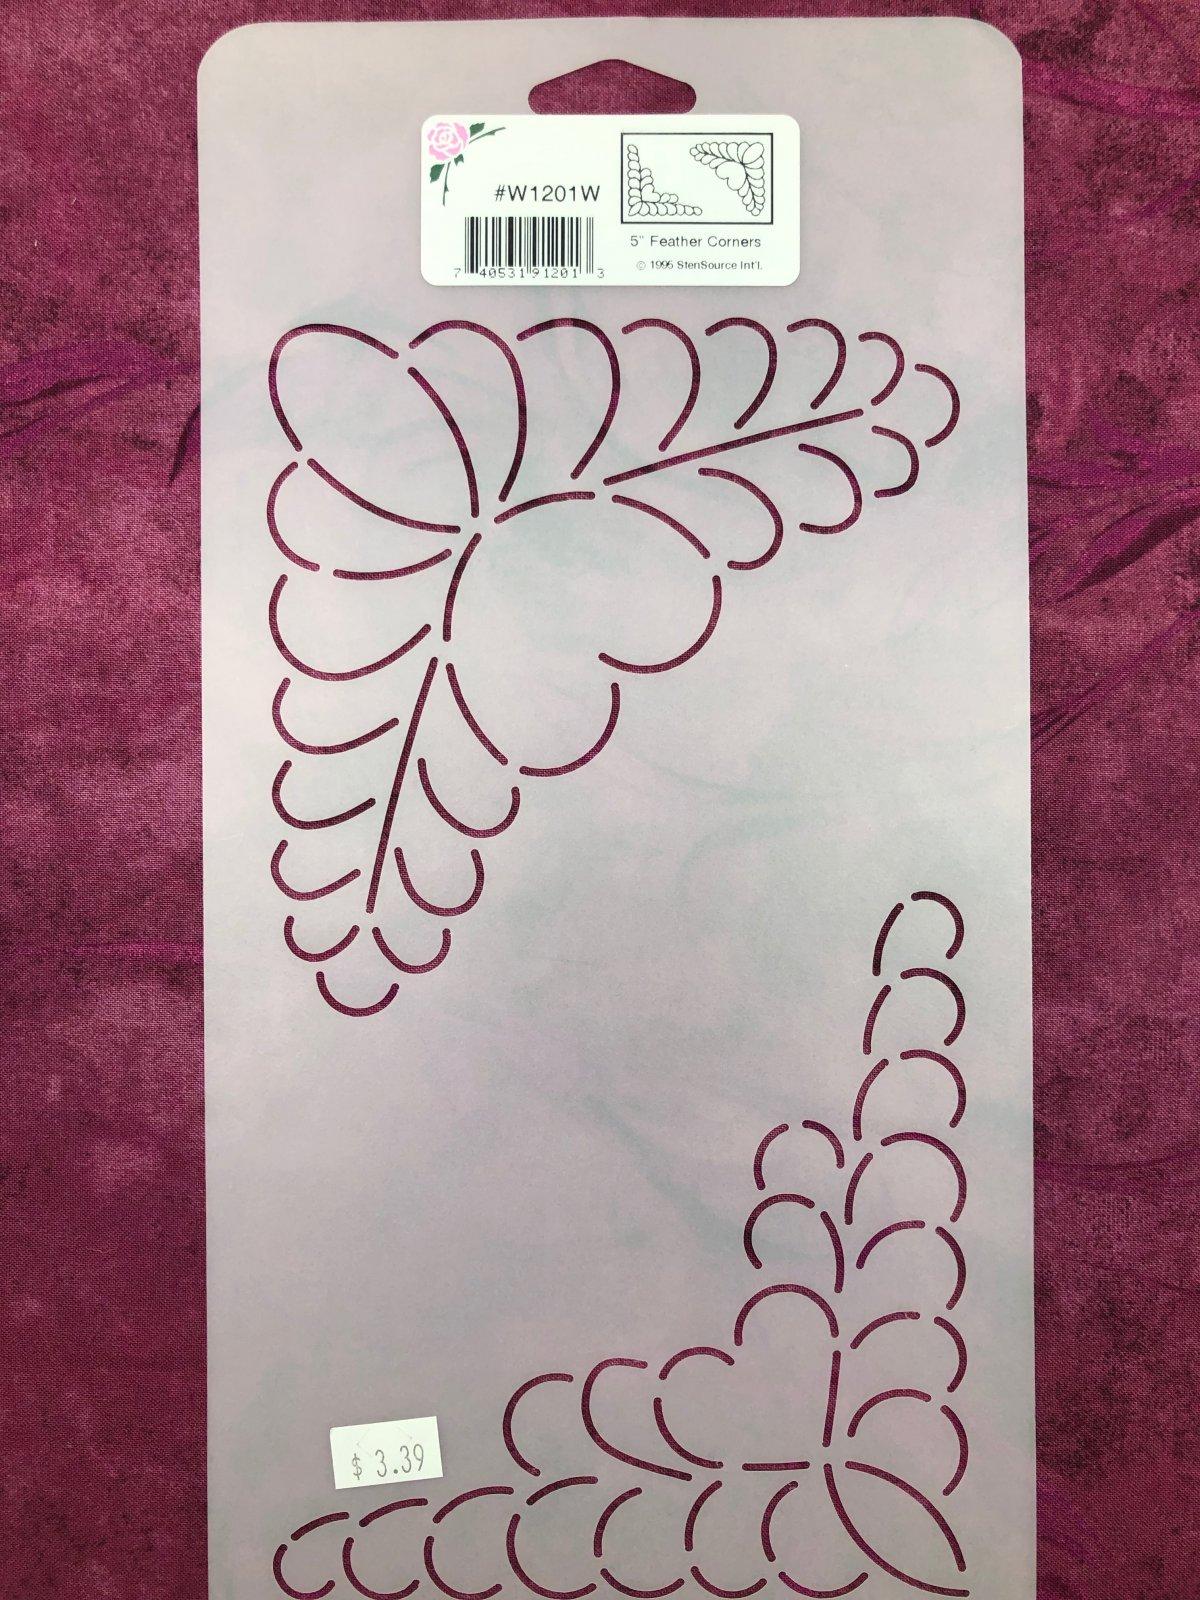 W1201W Feather Corners 5 Inch Stencil